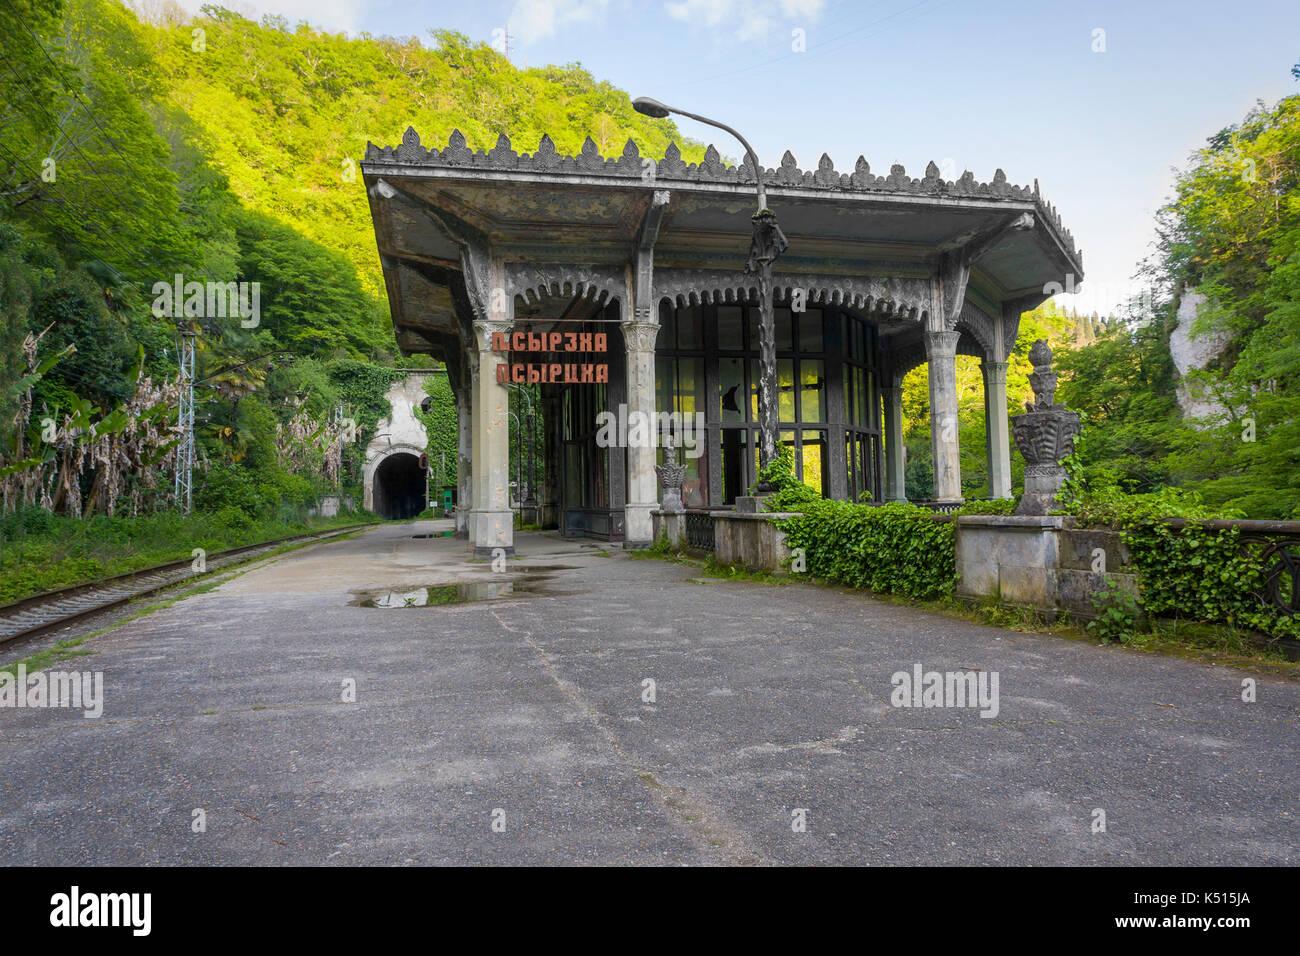 Abandoned railway station Psyrtskha, New Afon, Abkhazia - Stock Image